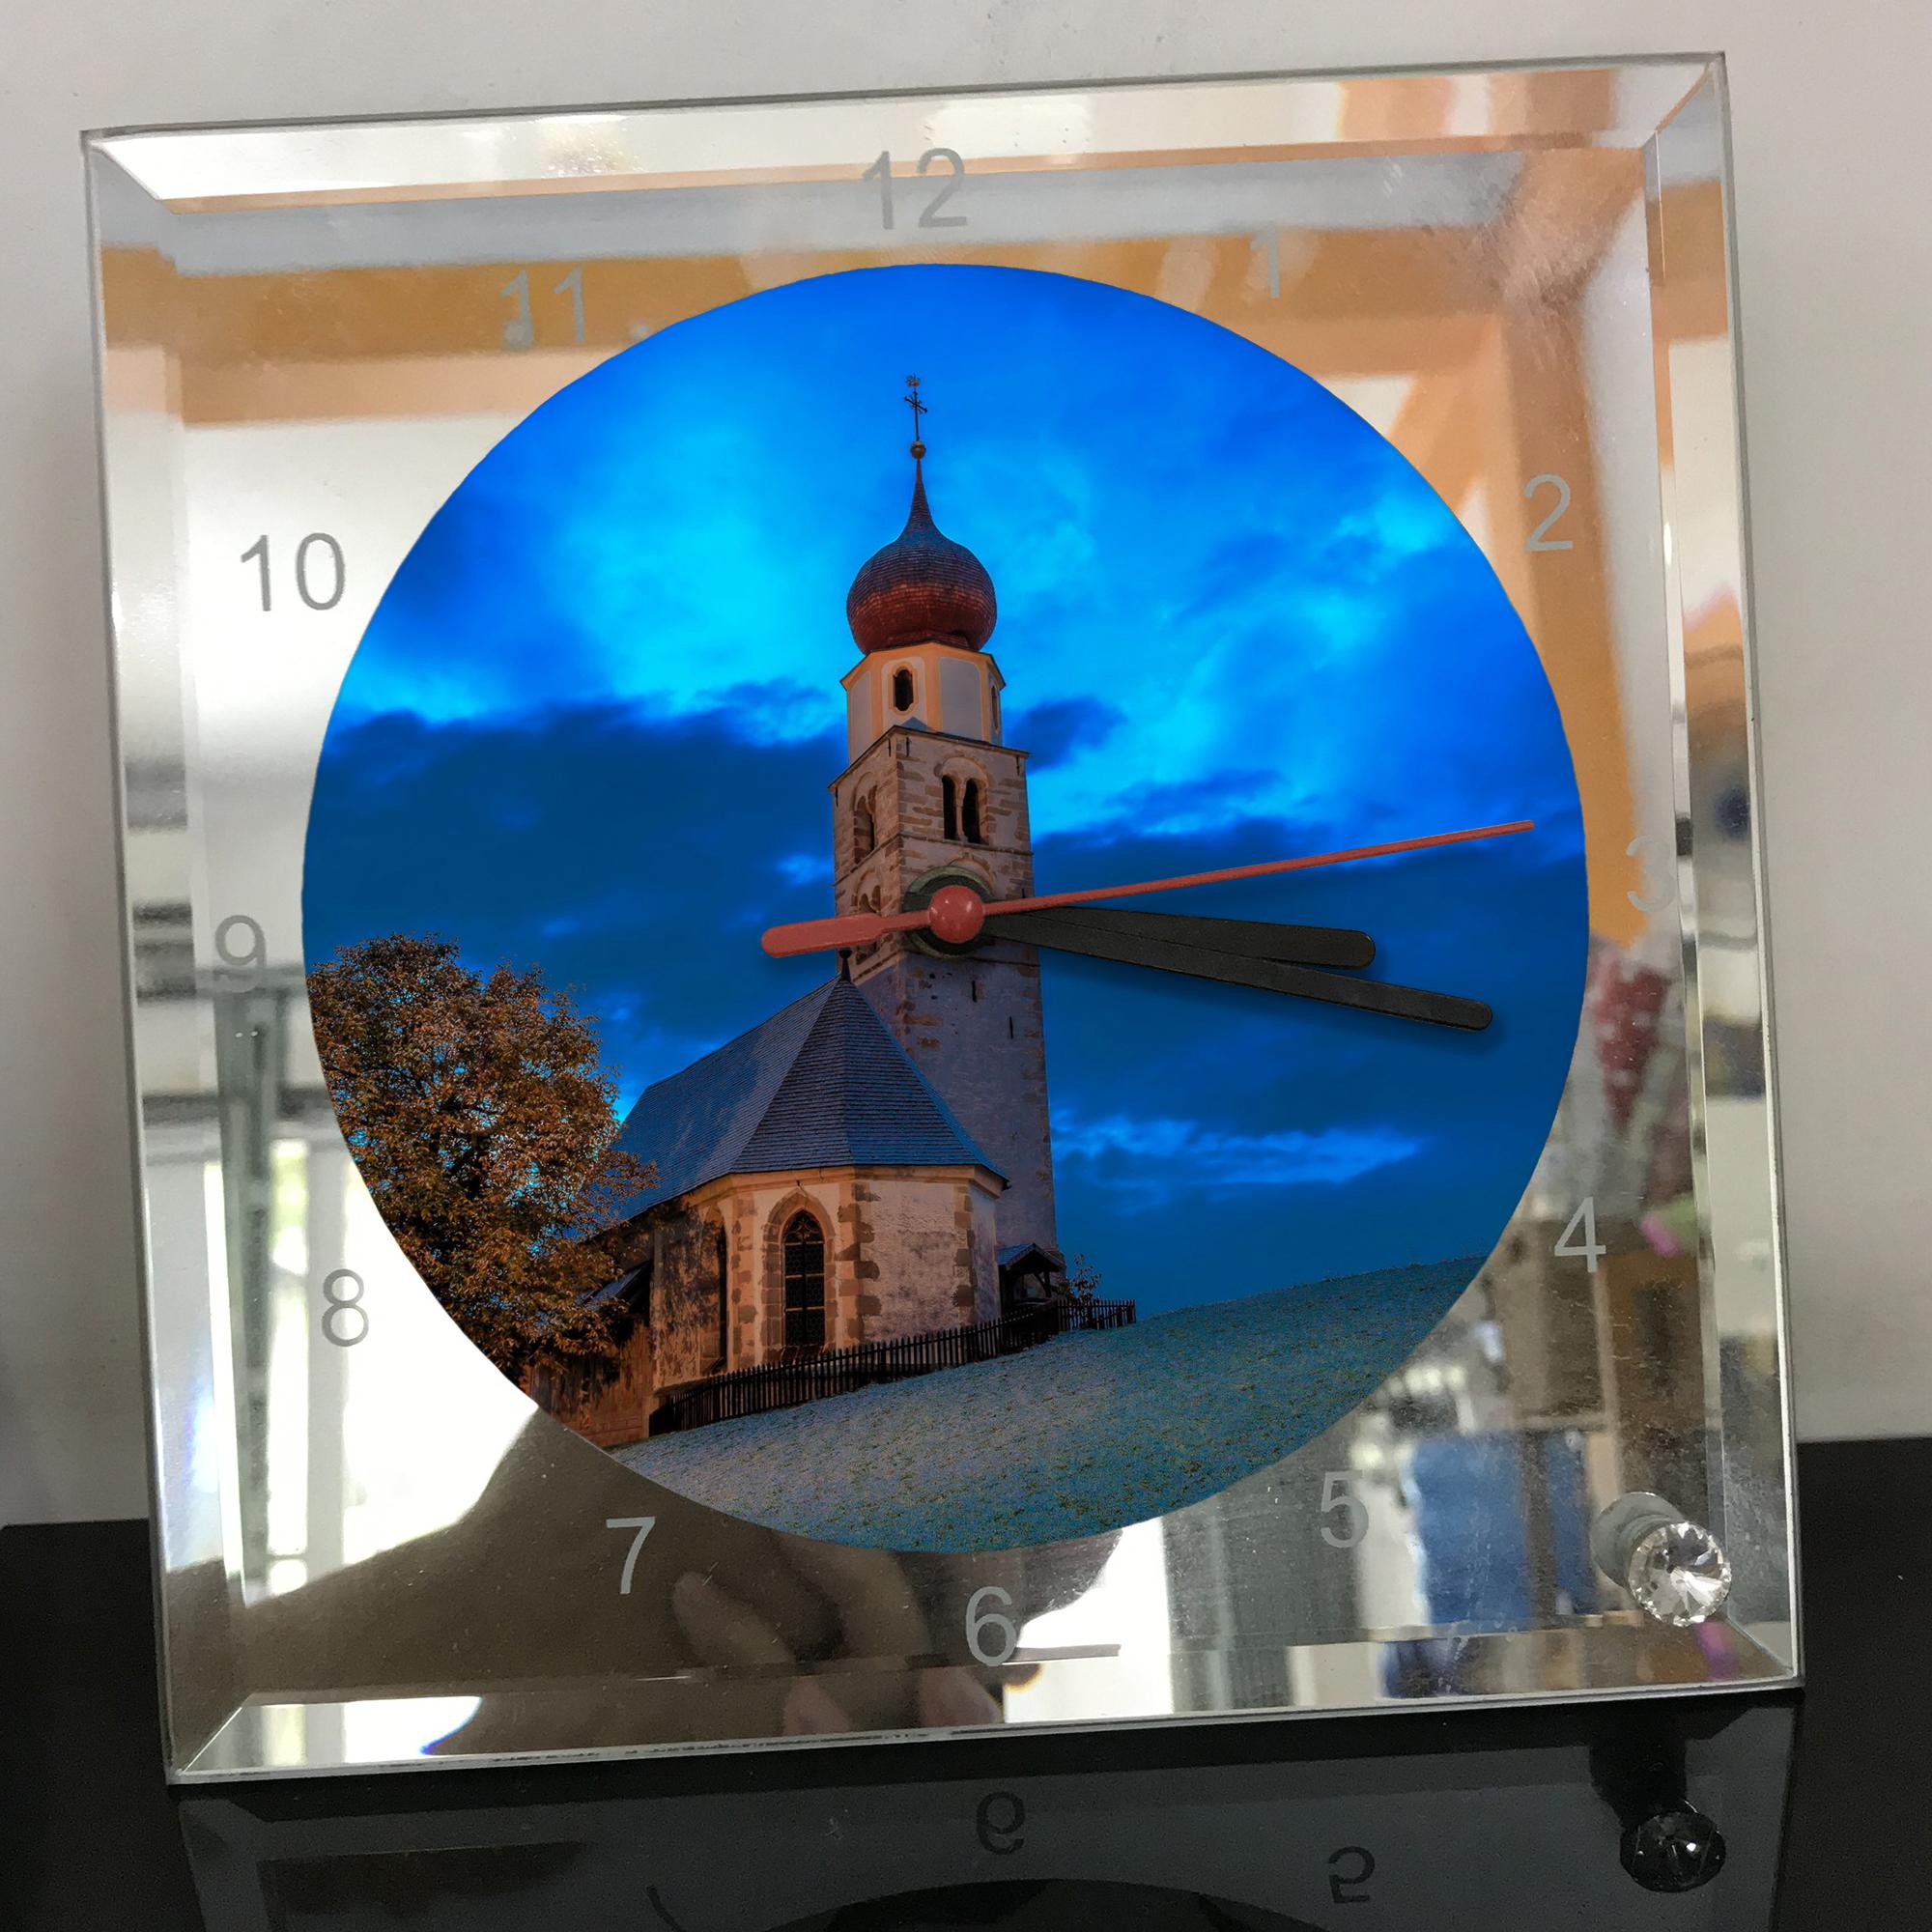 Đồng hồ thủy tinh vuông 20x20 in hình Church - nhà thờ (144) . Đồng hồ thủy tinh để bàn trang trí đẹp chủ đề tôn giáo